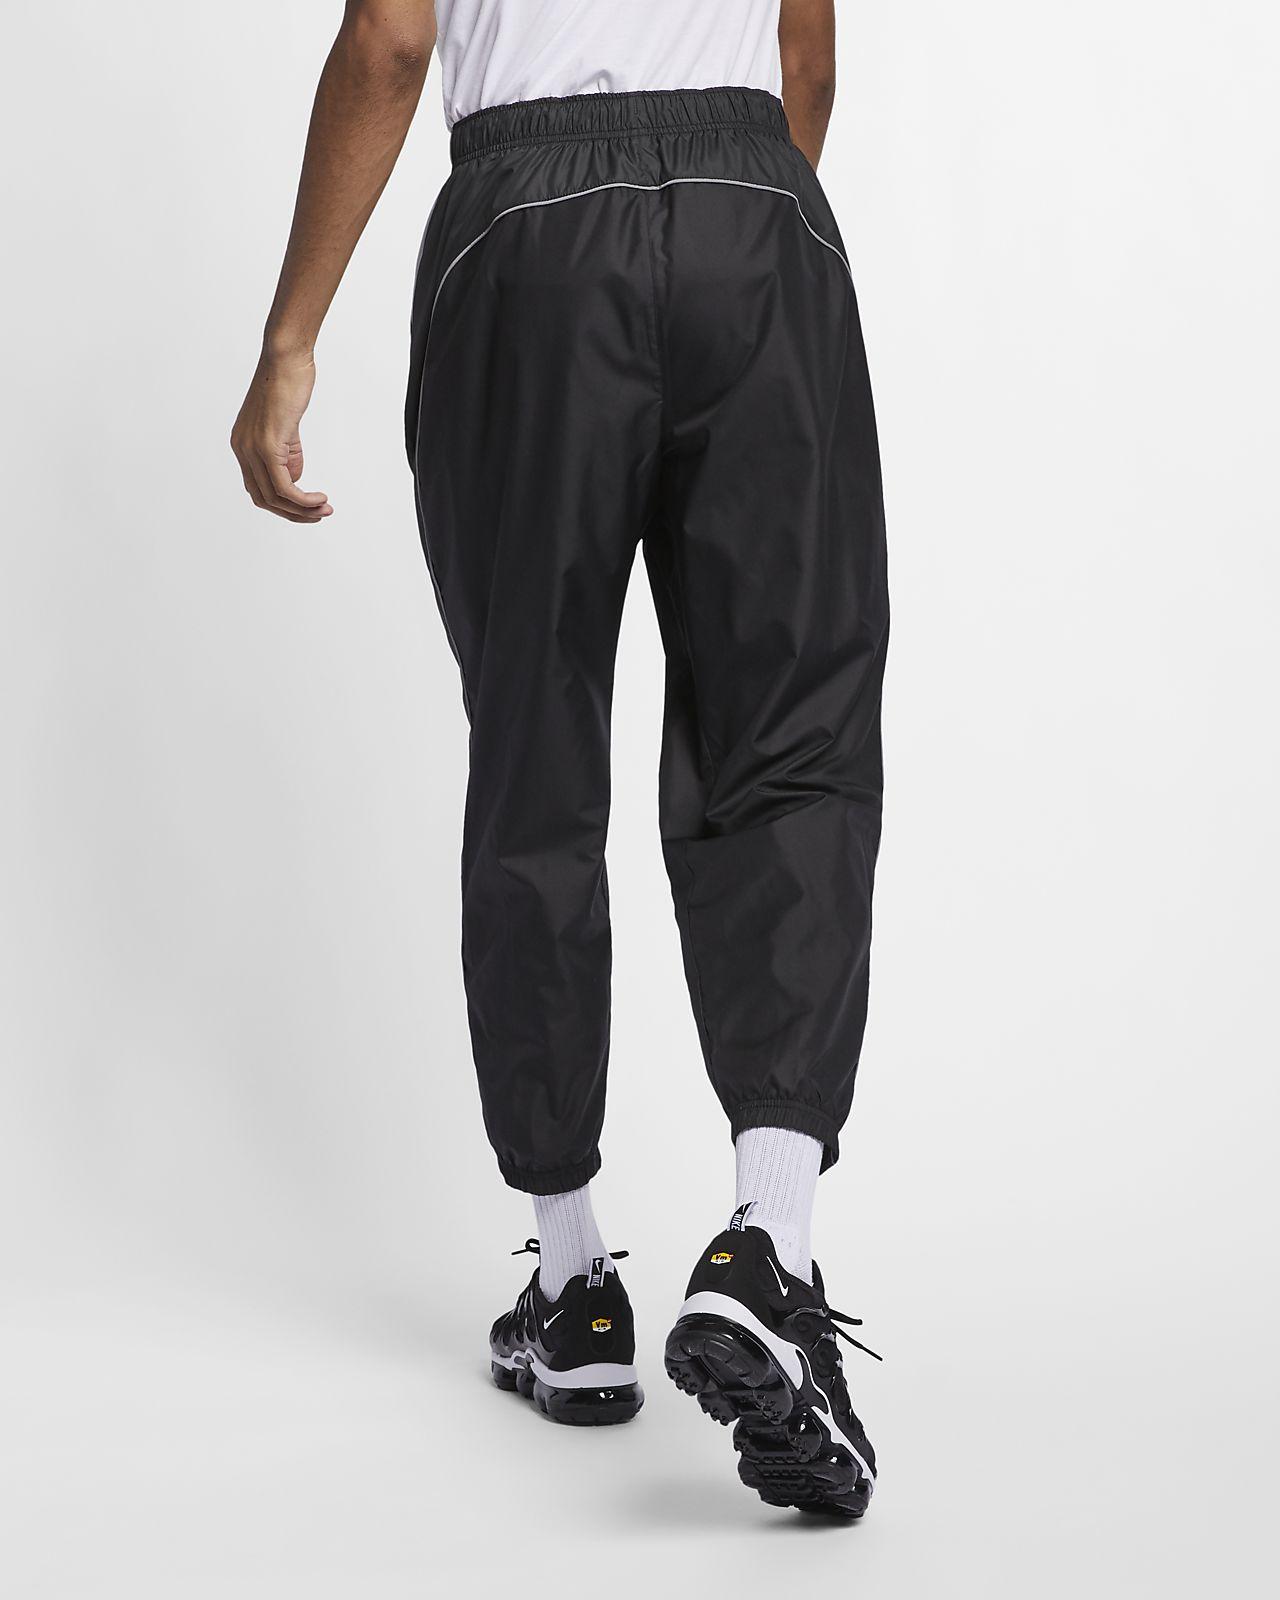 Tênis Nike Air Max 97 TN Branco Importado